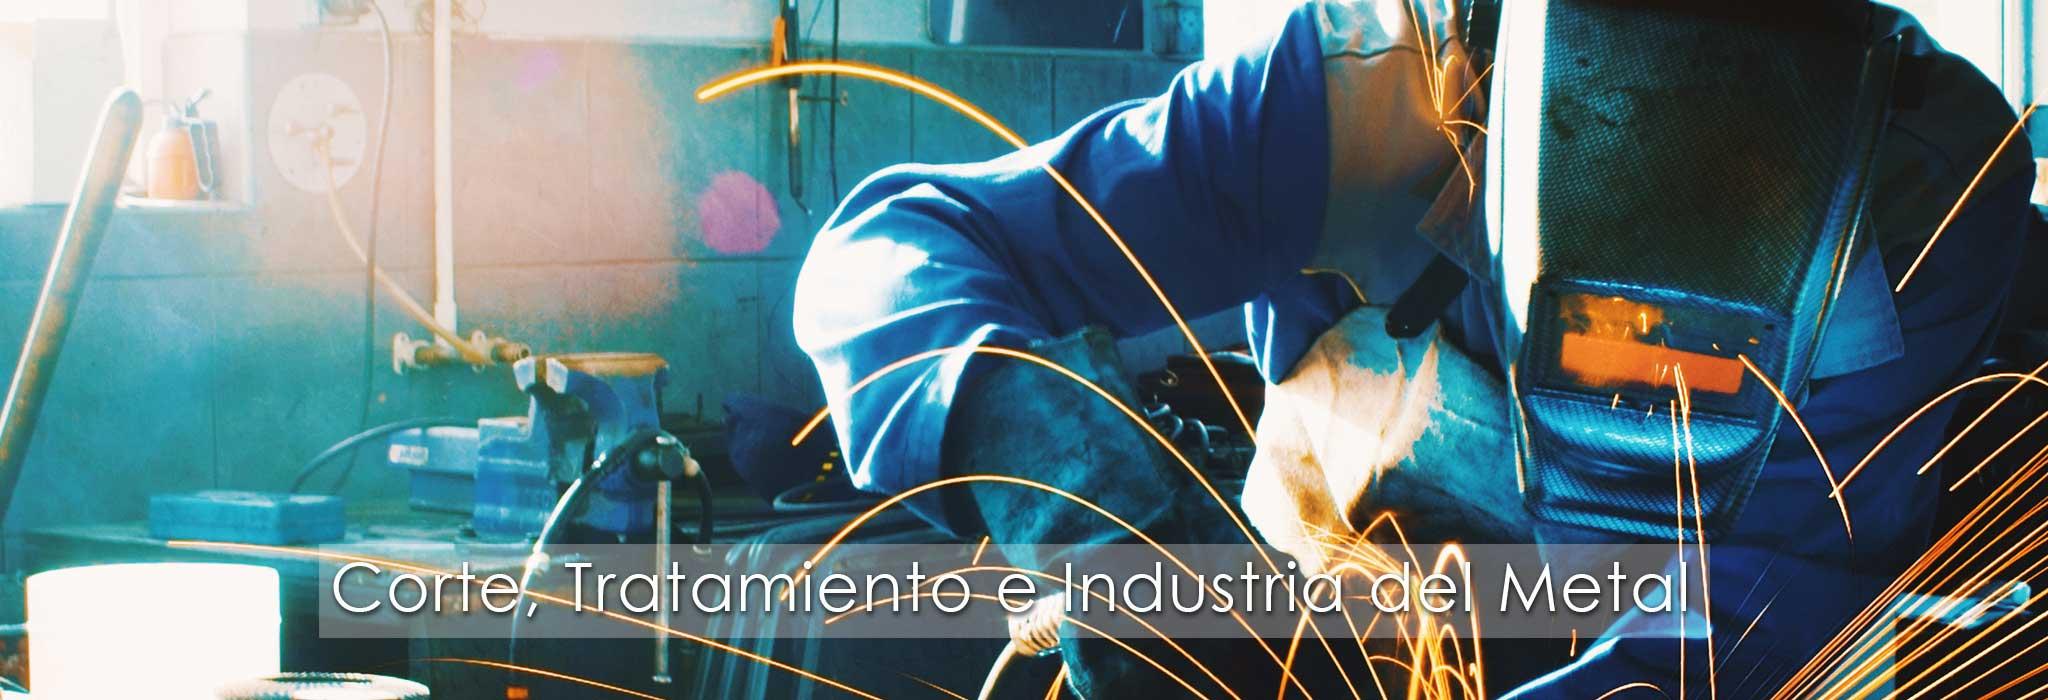 erp corte tratamiento industria metal